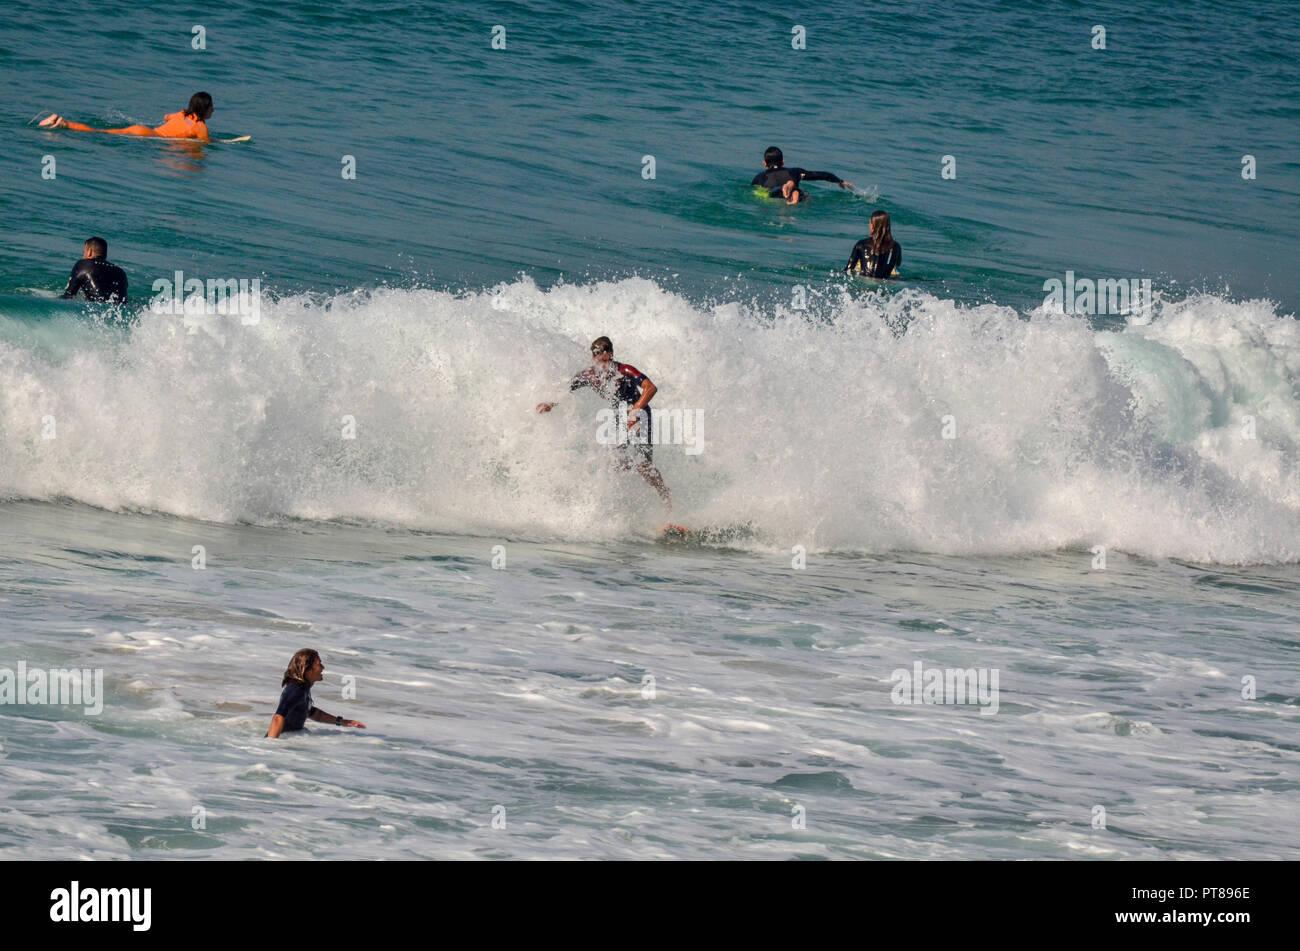 Wave Surfing In The Mediterranean Sea Netanya Israel Stock